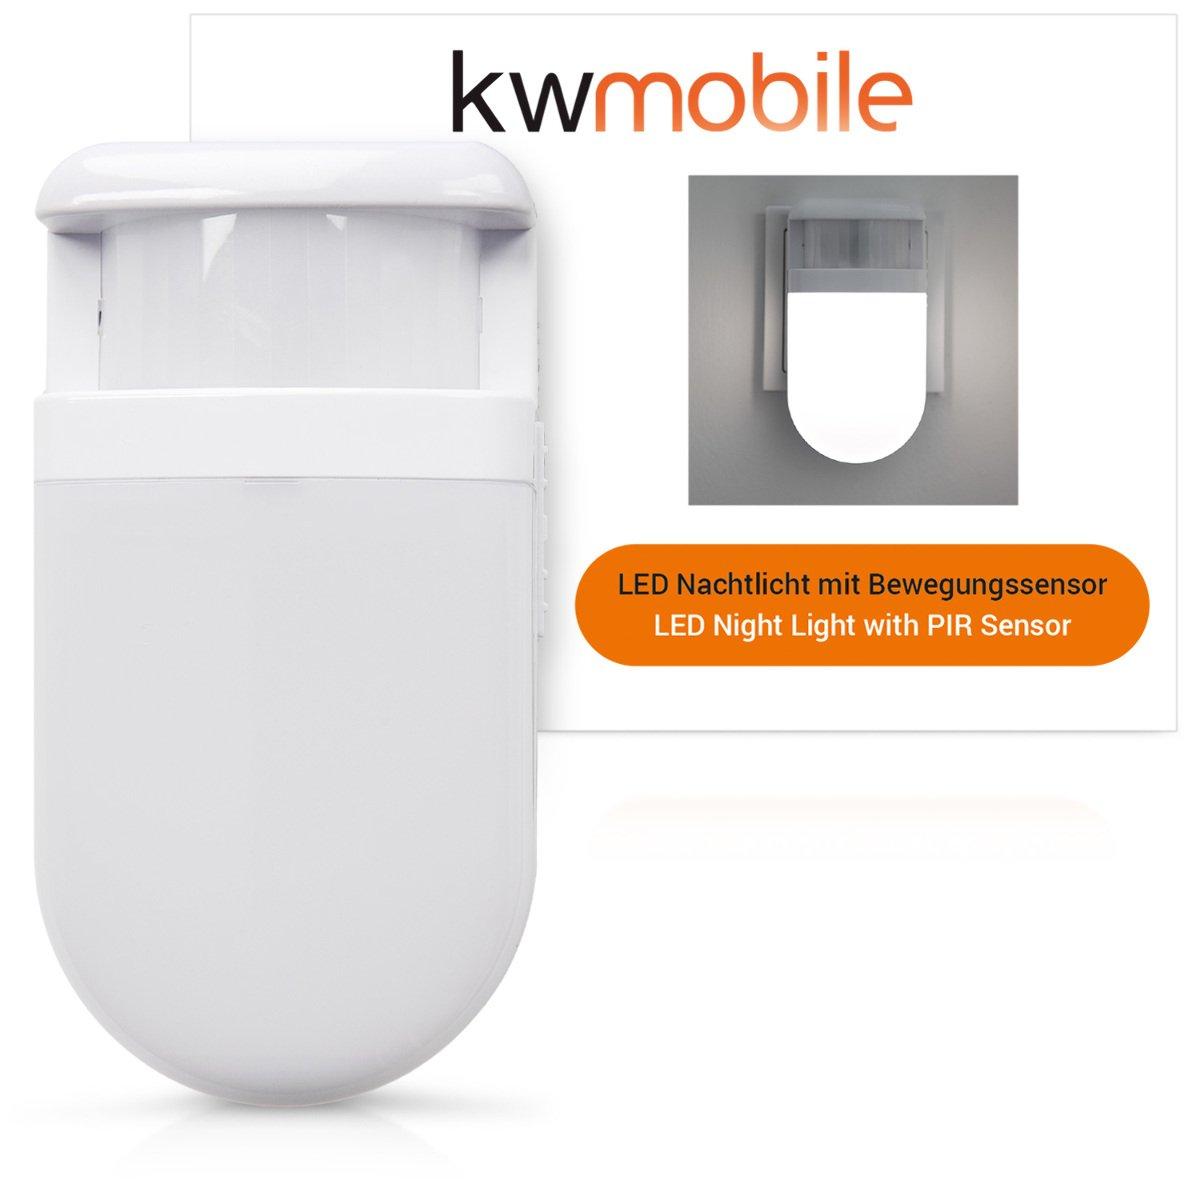 kwmobile Luz nocturna LED - Luz blanca cálida con sensor de movimiento - Lámpara para cuarto de niños - Luz de noche con temporizador y enchufe: Amazon.es: ...